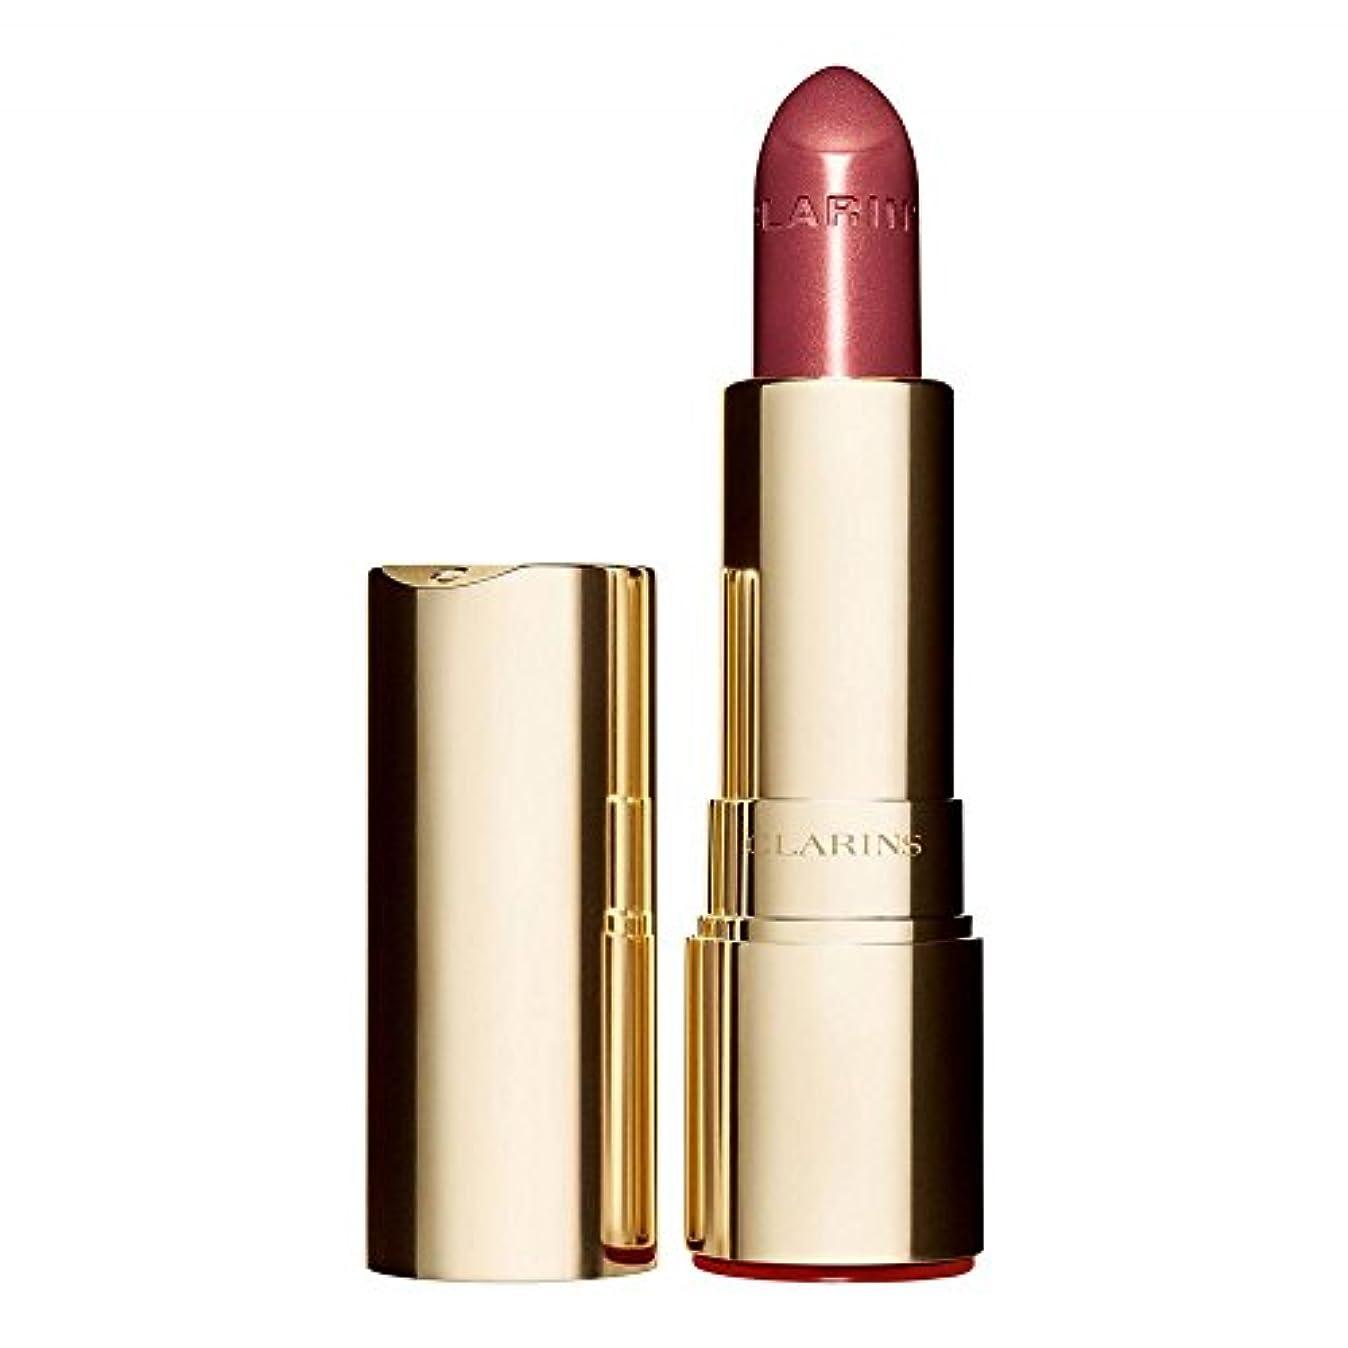 遺伝子ロック解除推定するクラランス Joli Rouge Brillant (Moisturizing Perfect Shine Sheer Lipstick) - # 732S Grenadine 3.5g/0.1oz並行輸入品